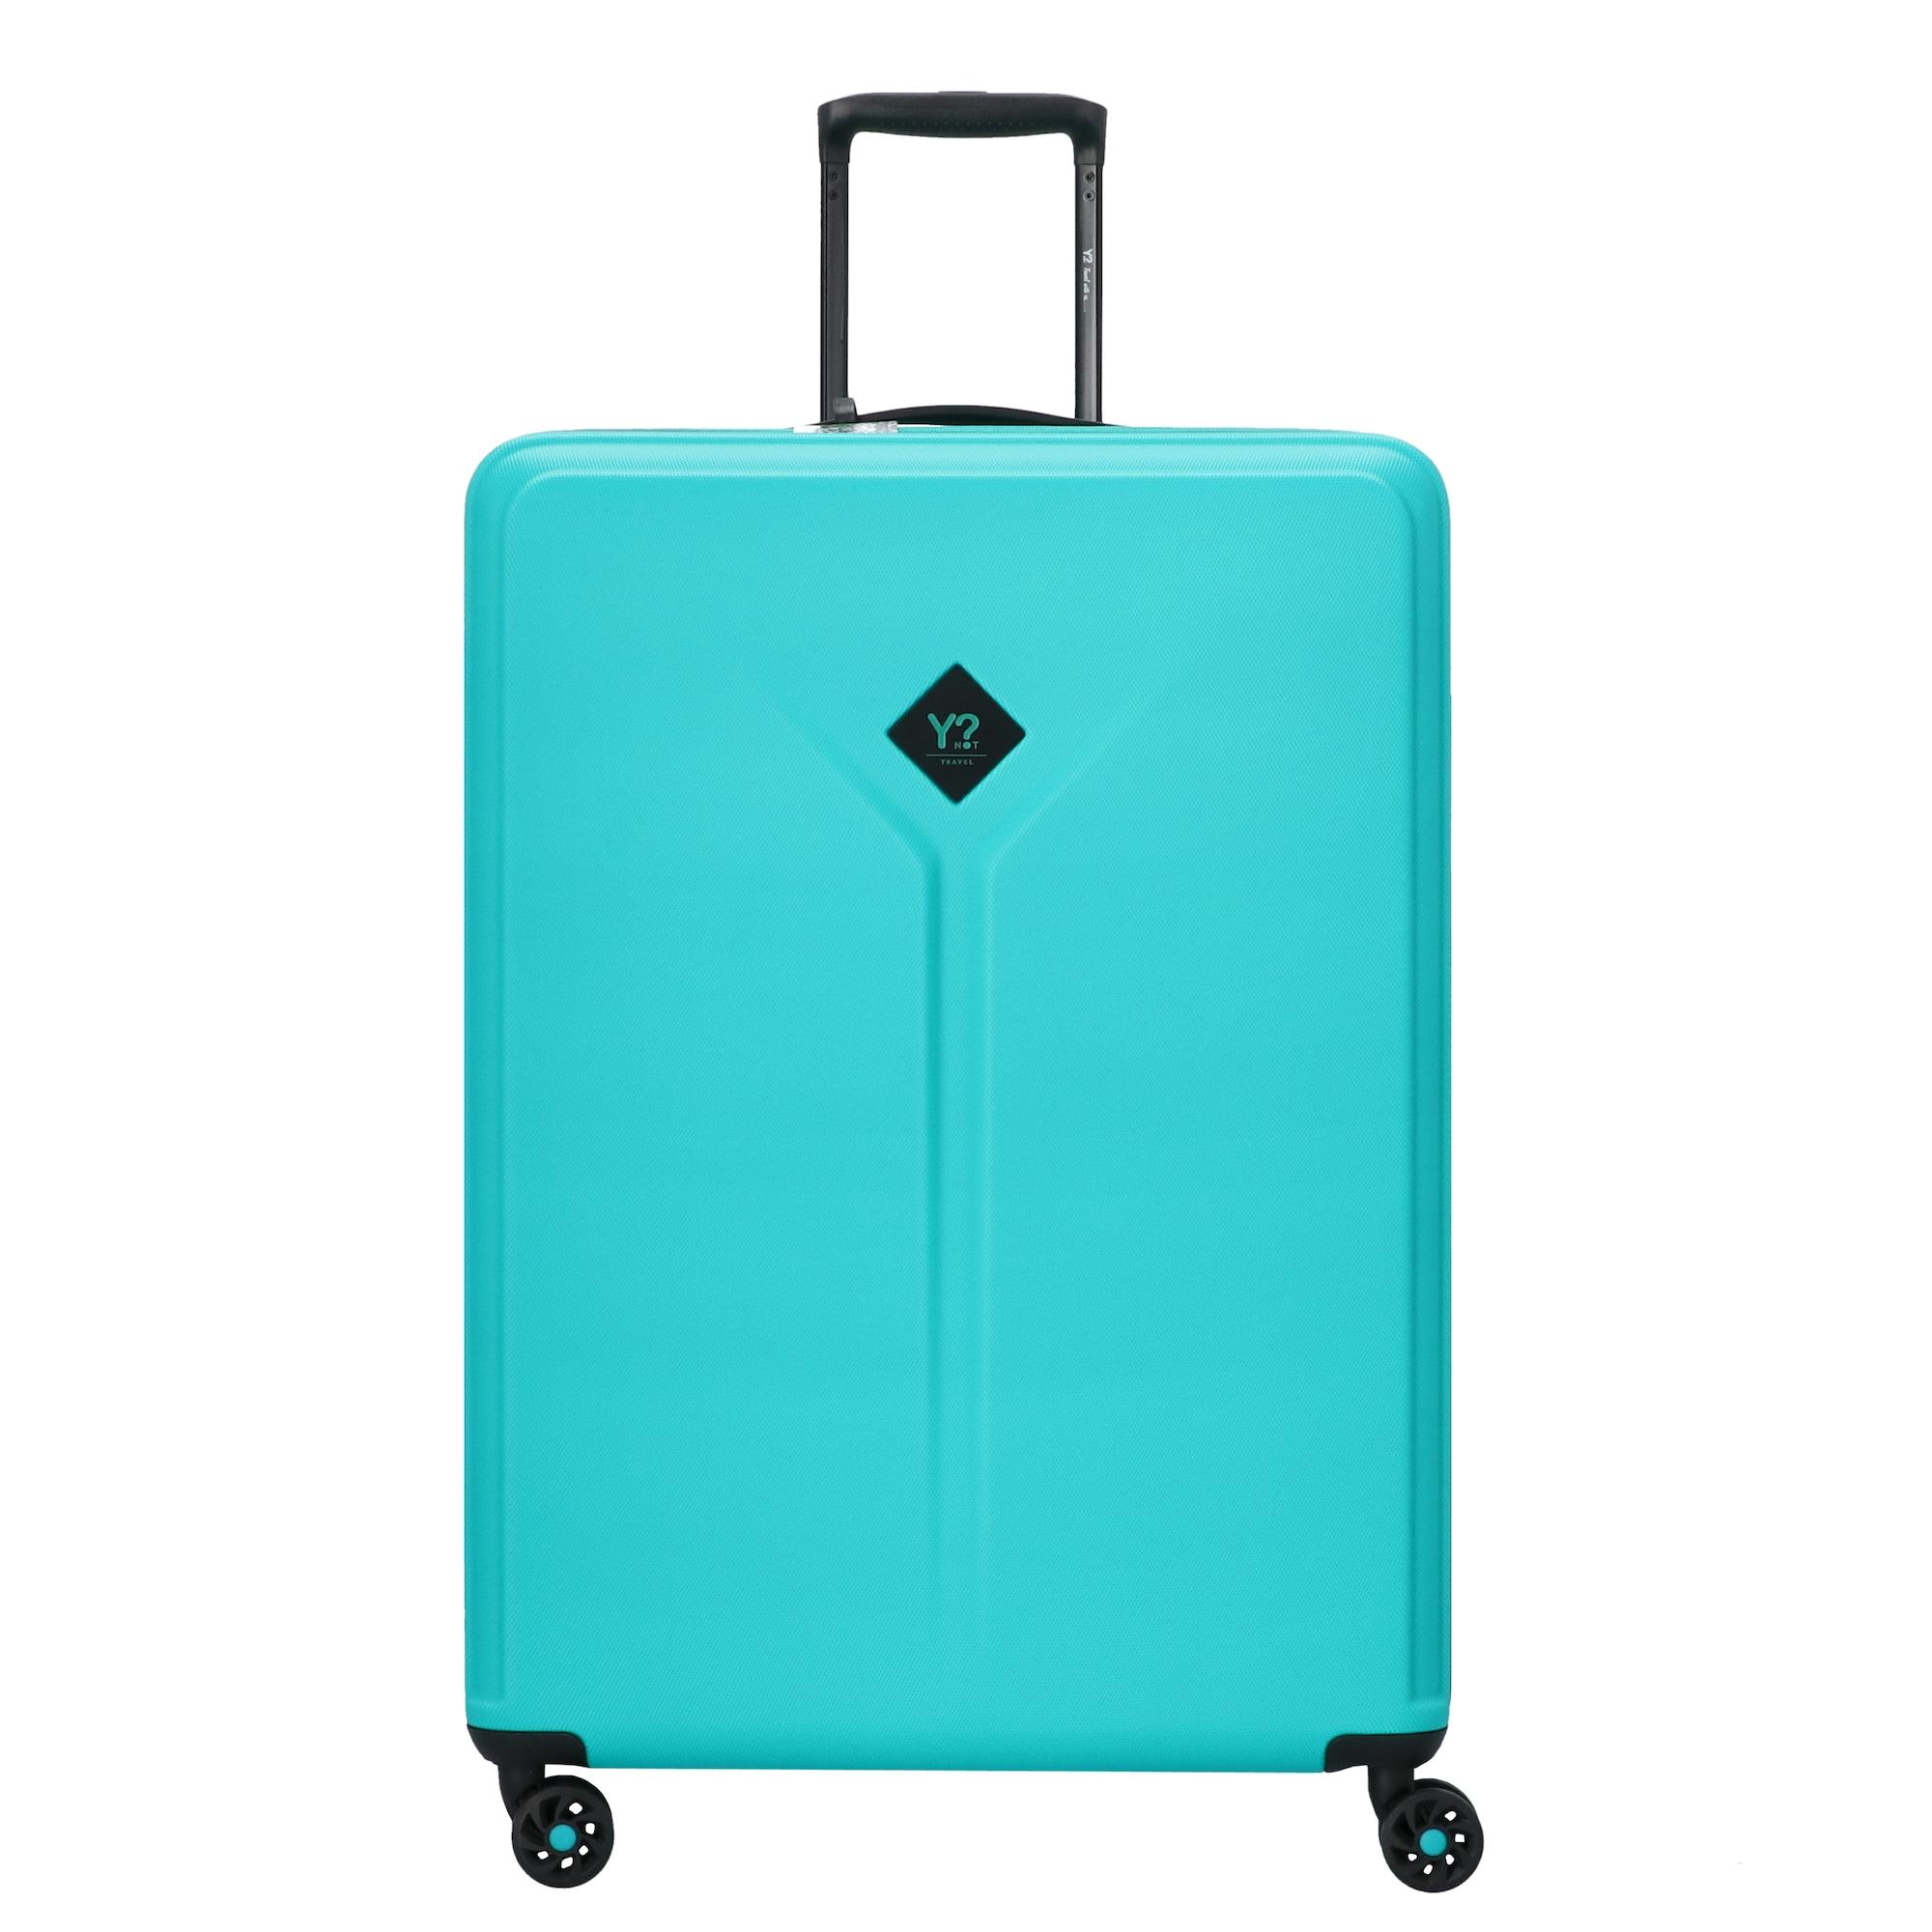 Trolley | Taschen > Koffer & Trolleys | Y Not?